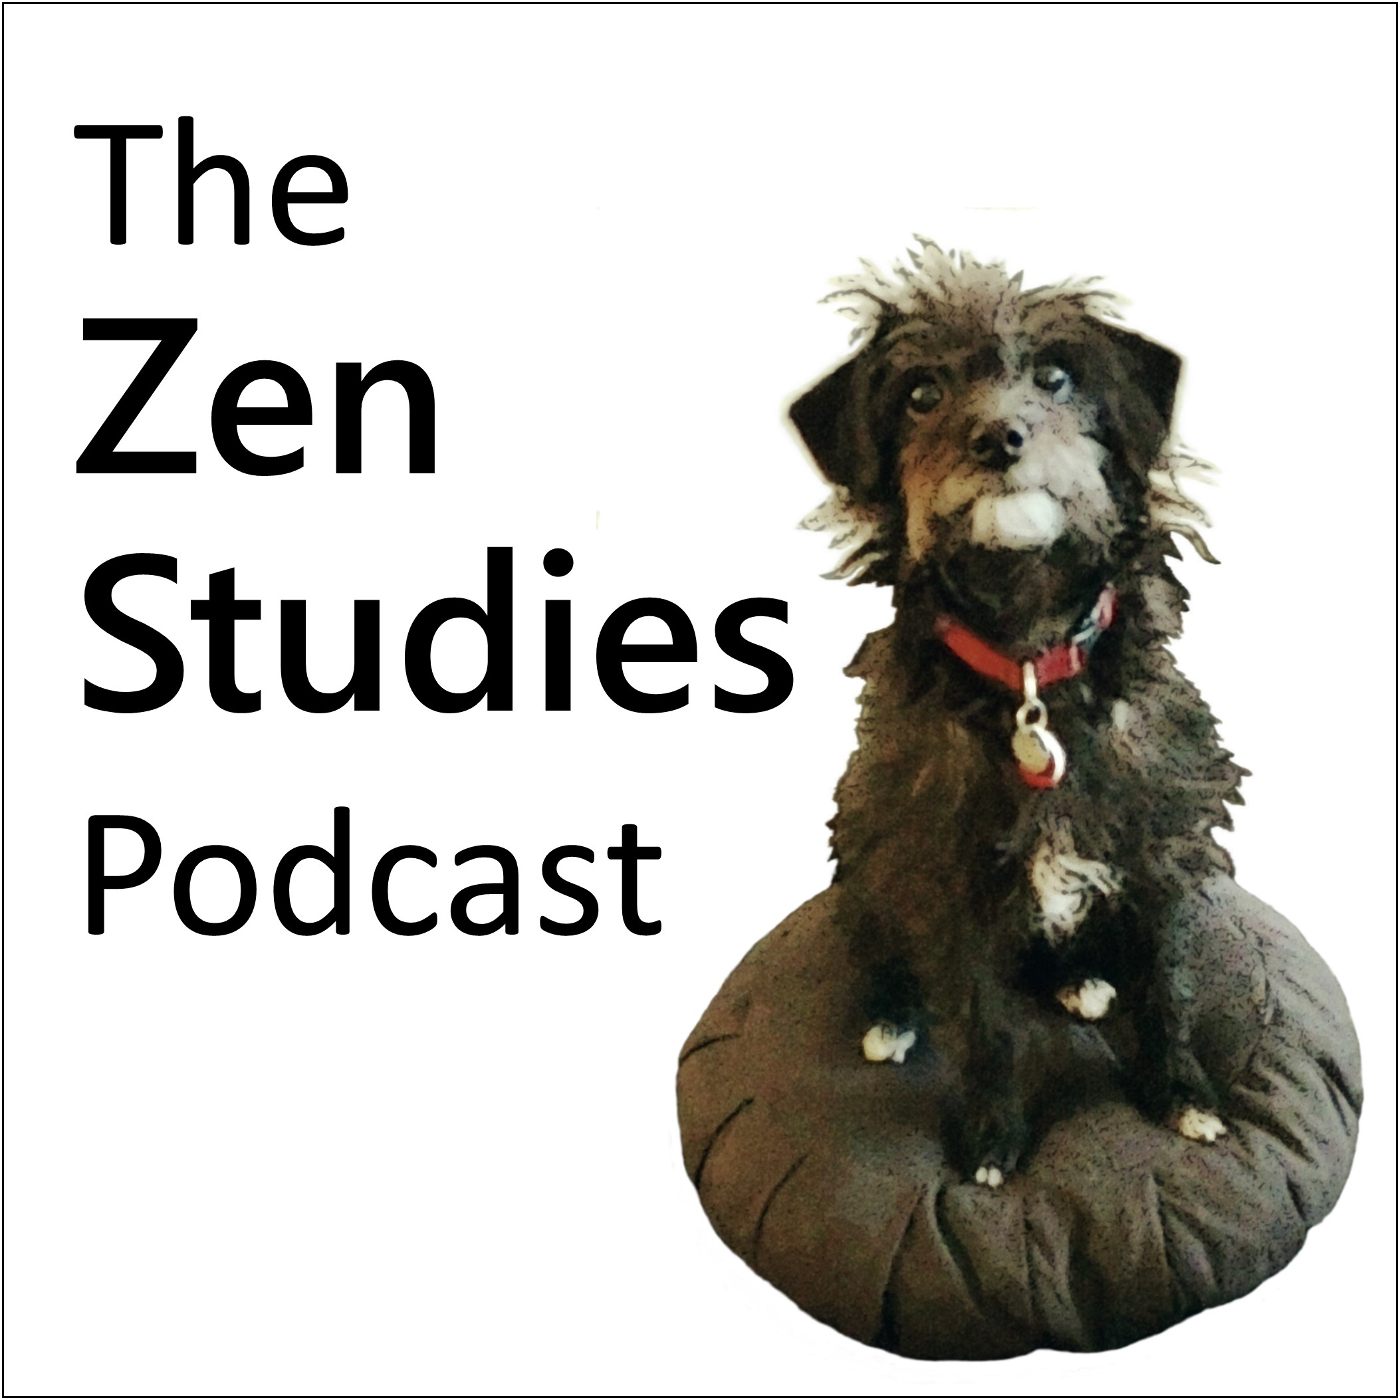 The Zen Studies Podcast